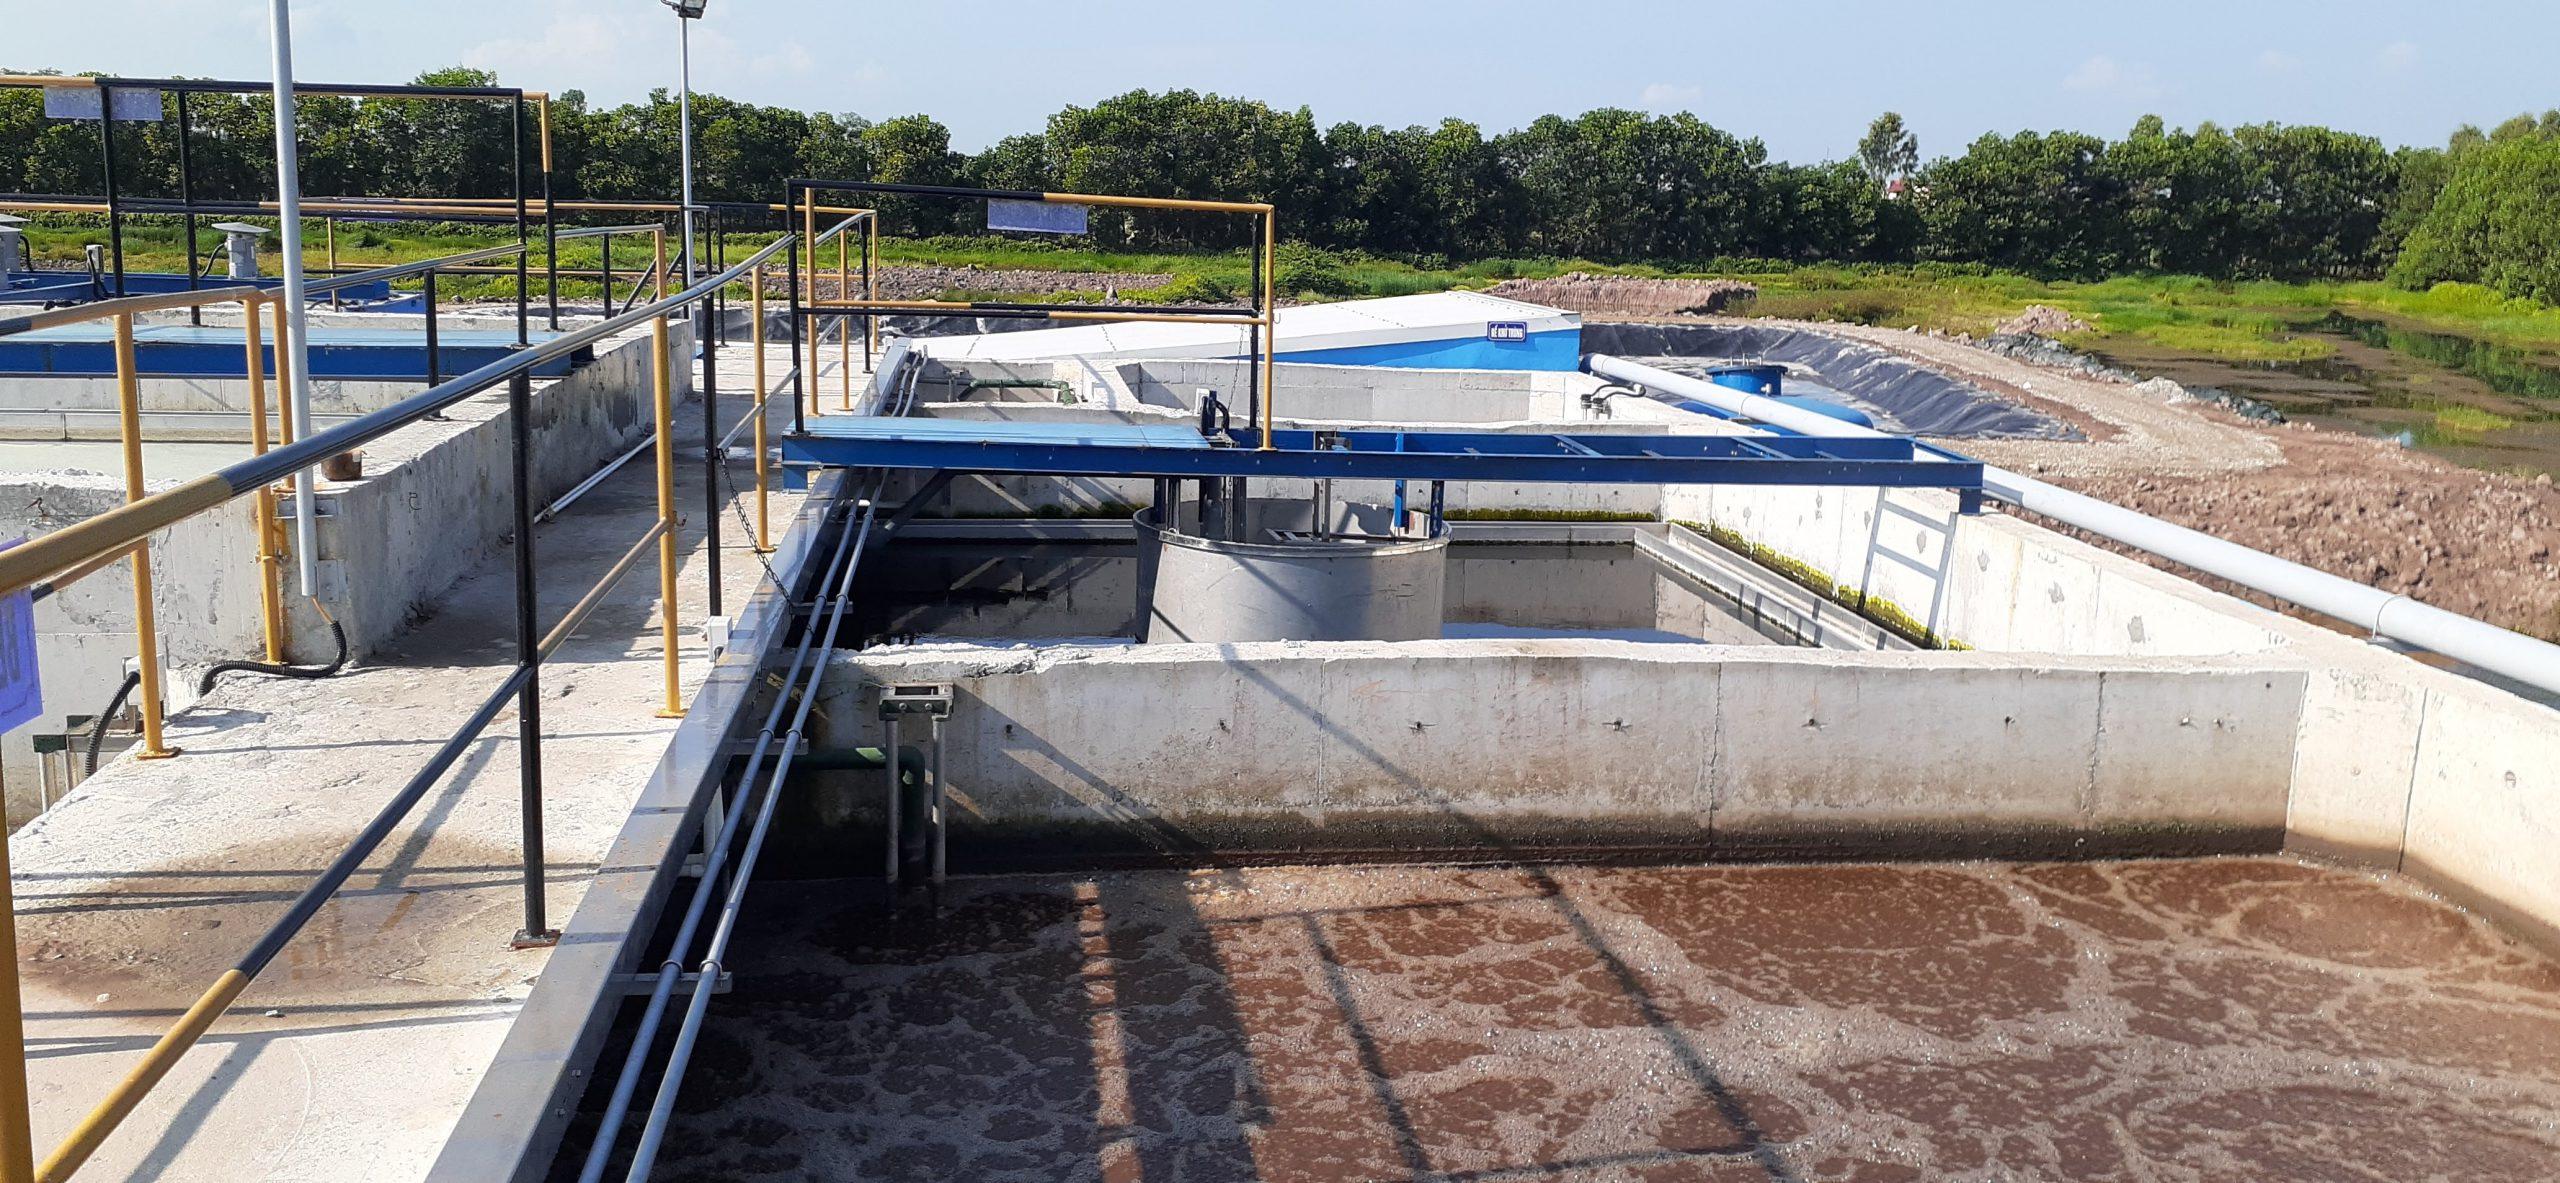 xử lý nước thải chăn nuôi toàn quốc